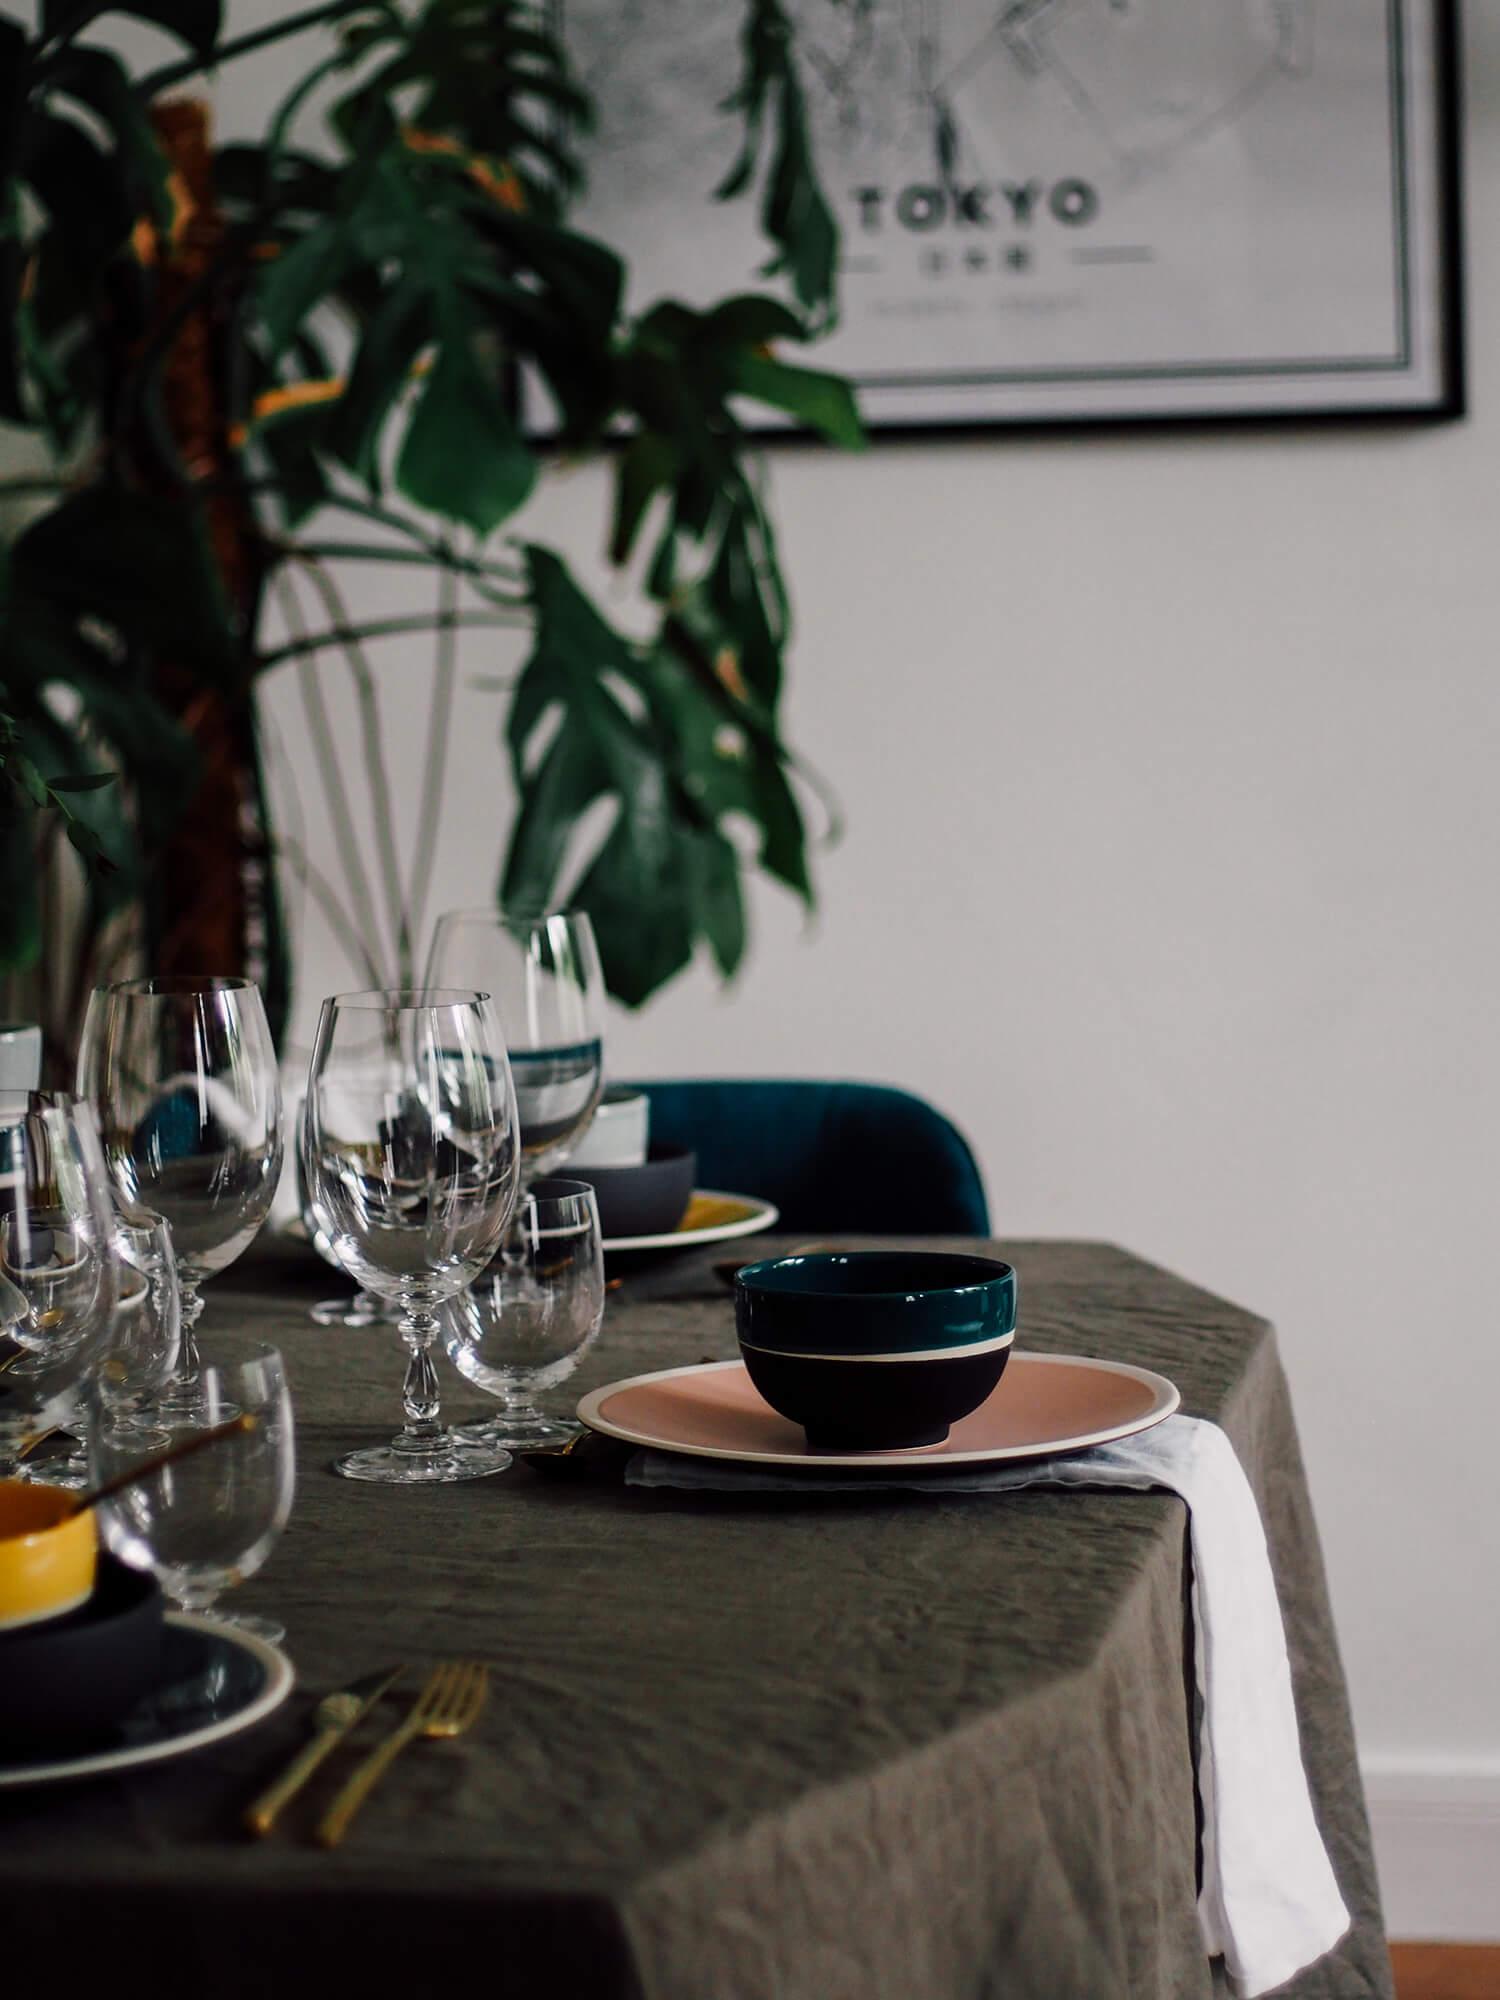 Osez L Art De La Table osez l'art de la table - frenchy fancy